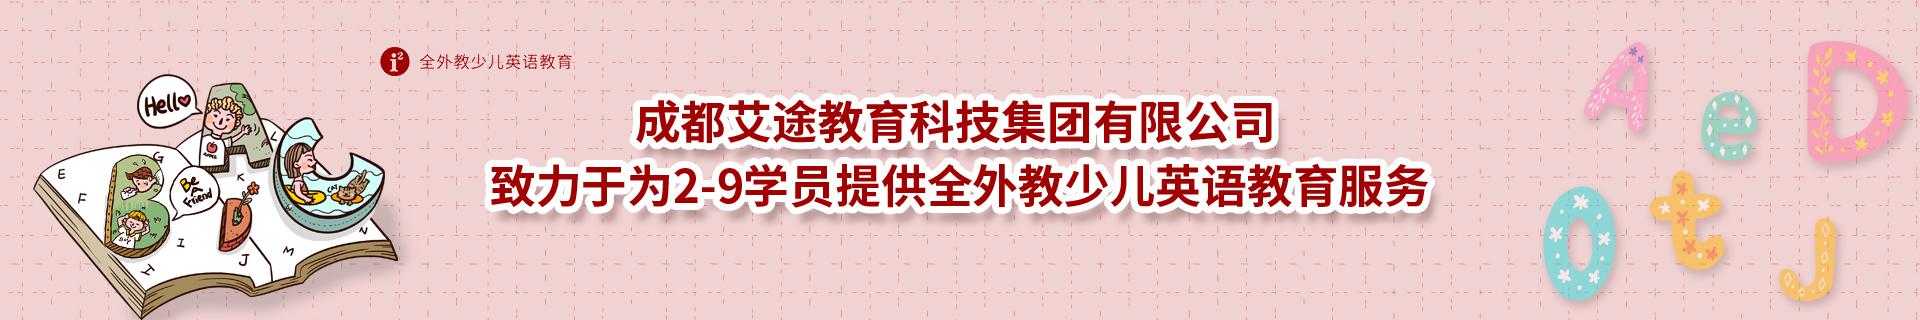 西安雁塔区曲江北池路i2国际私塾